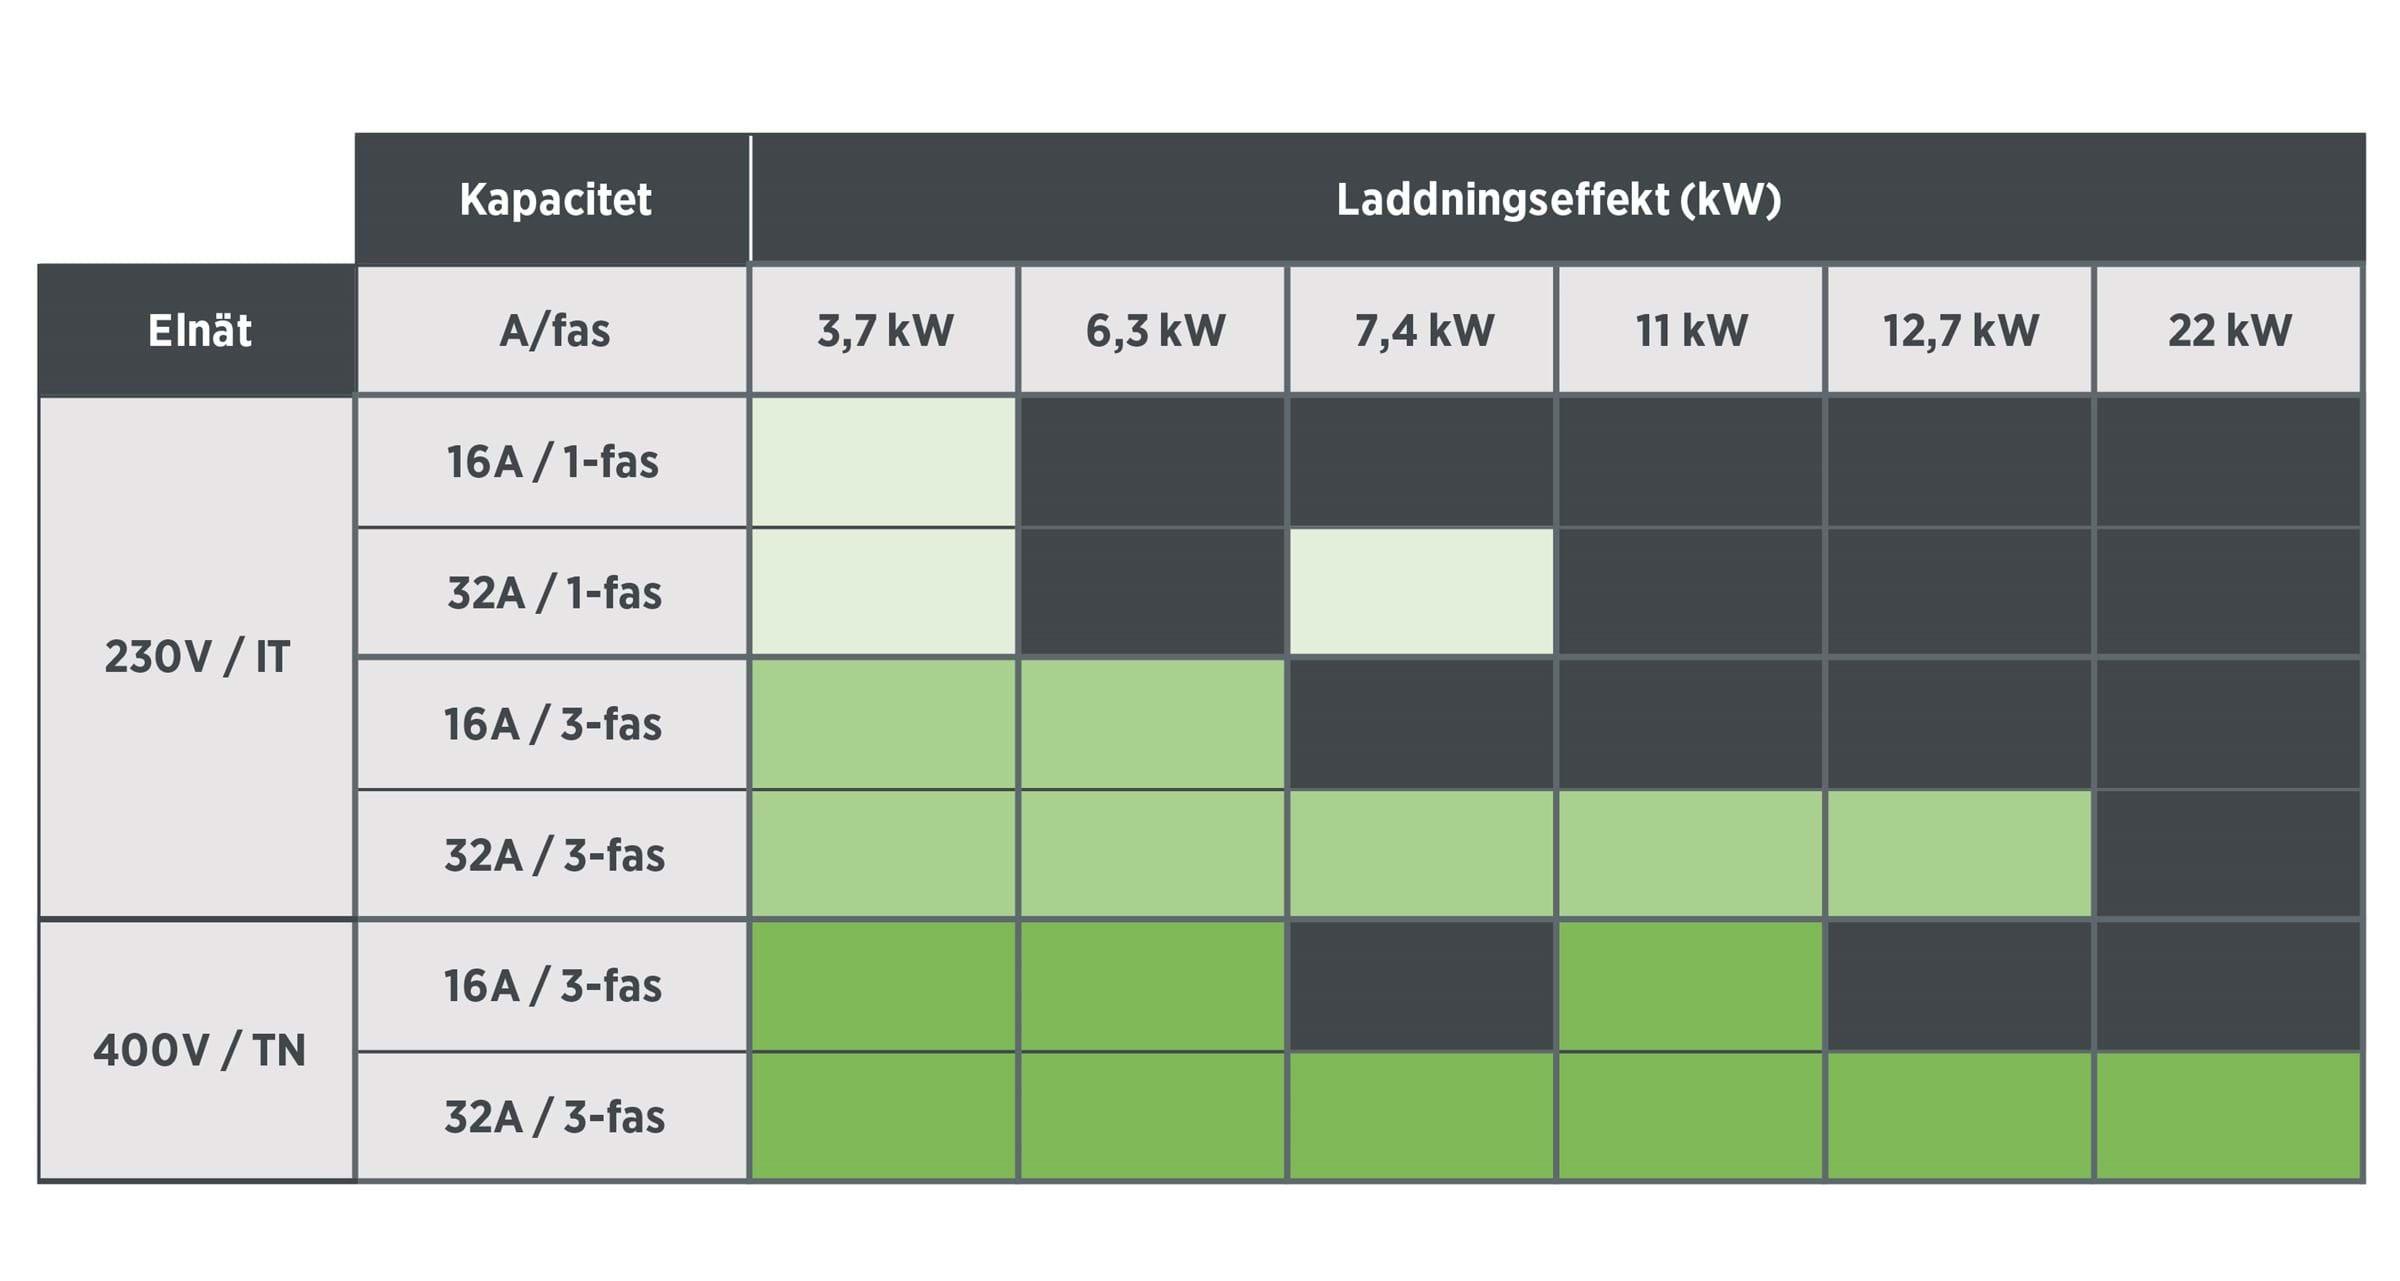 ladda elbil kapacitet tabell